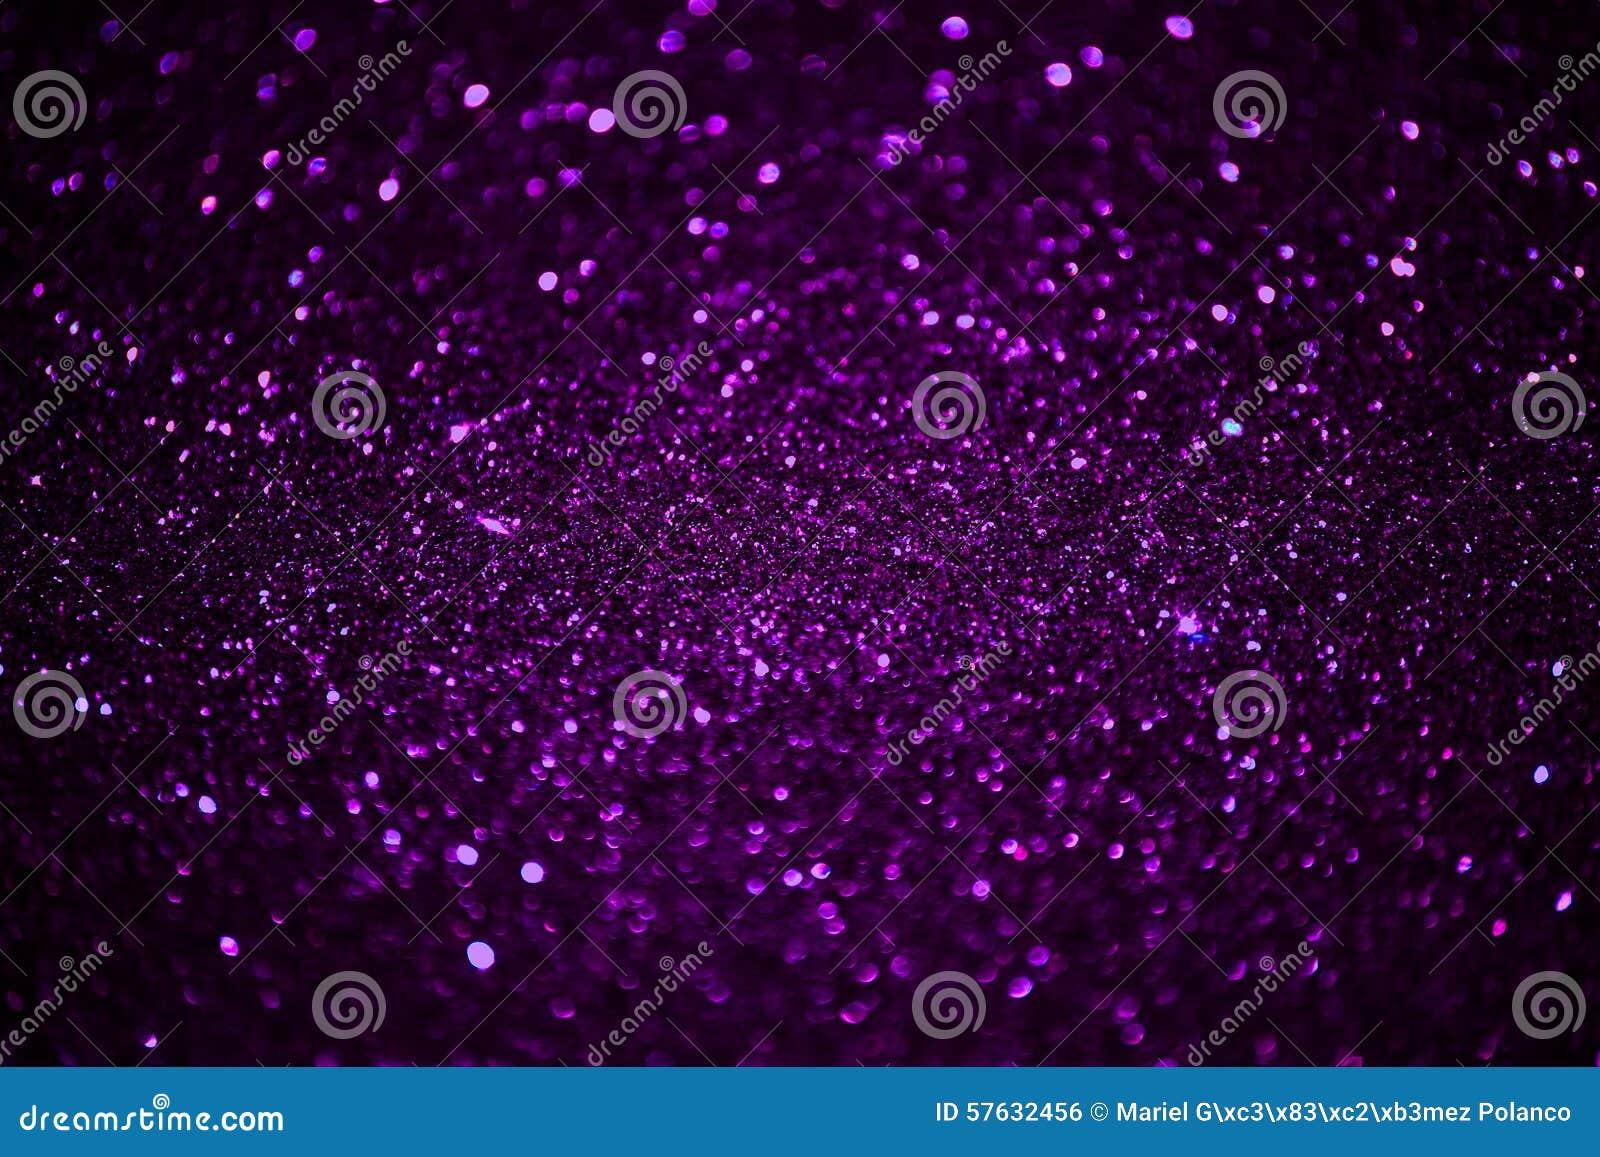 dark purple sparkler glitter - photo #2